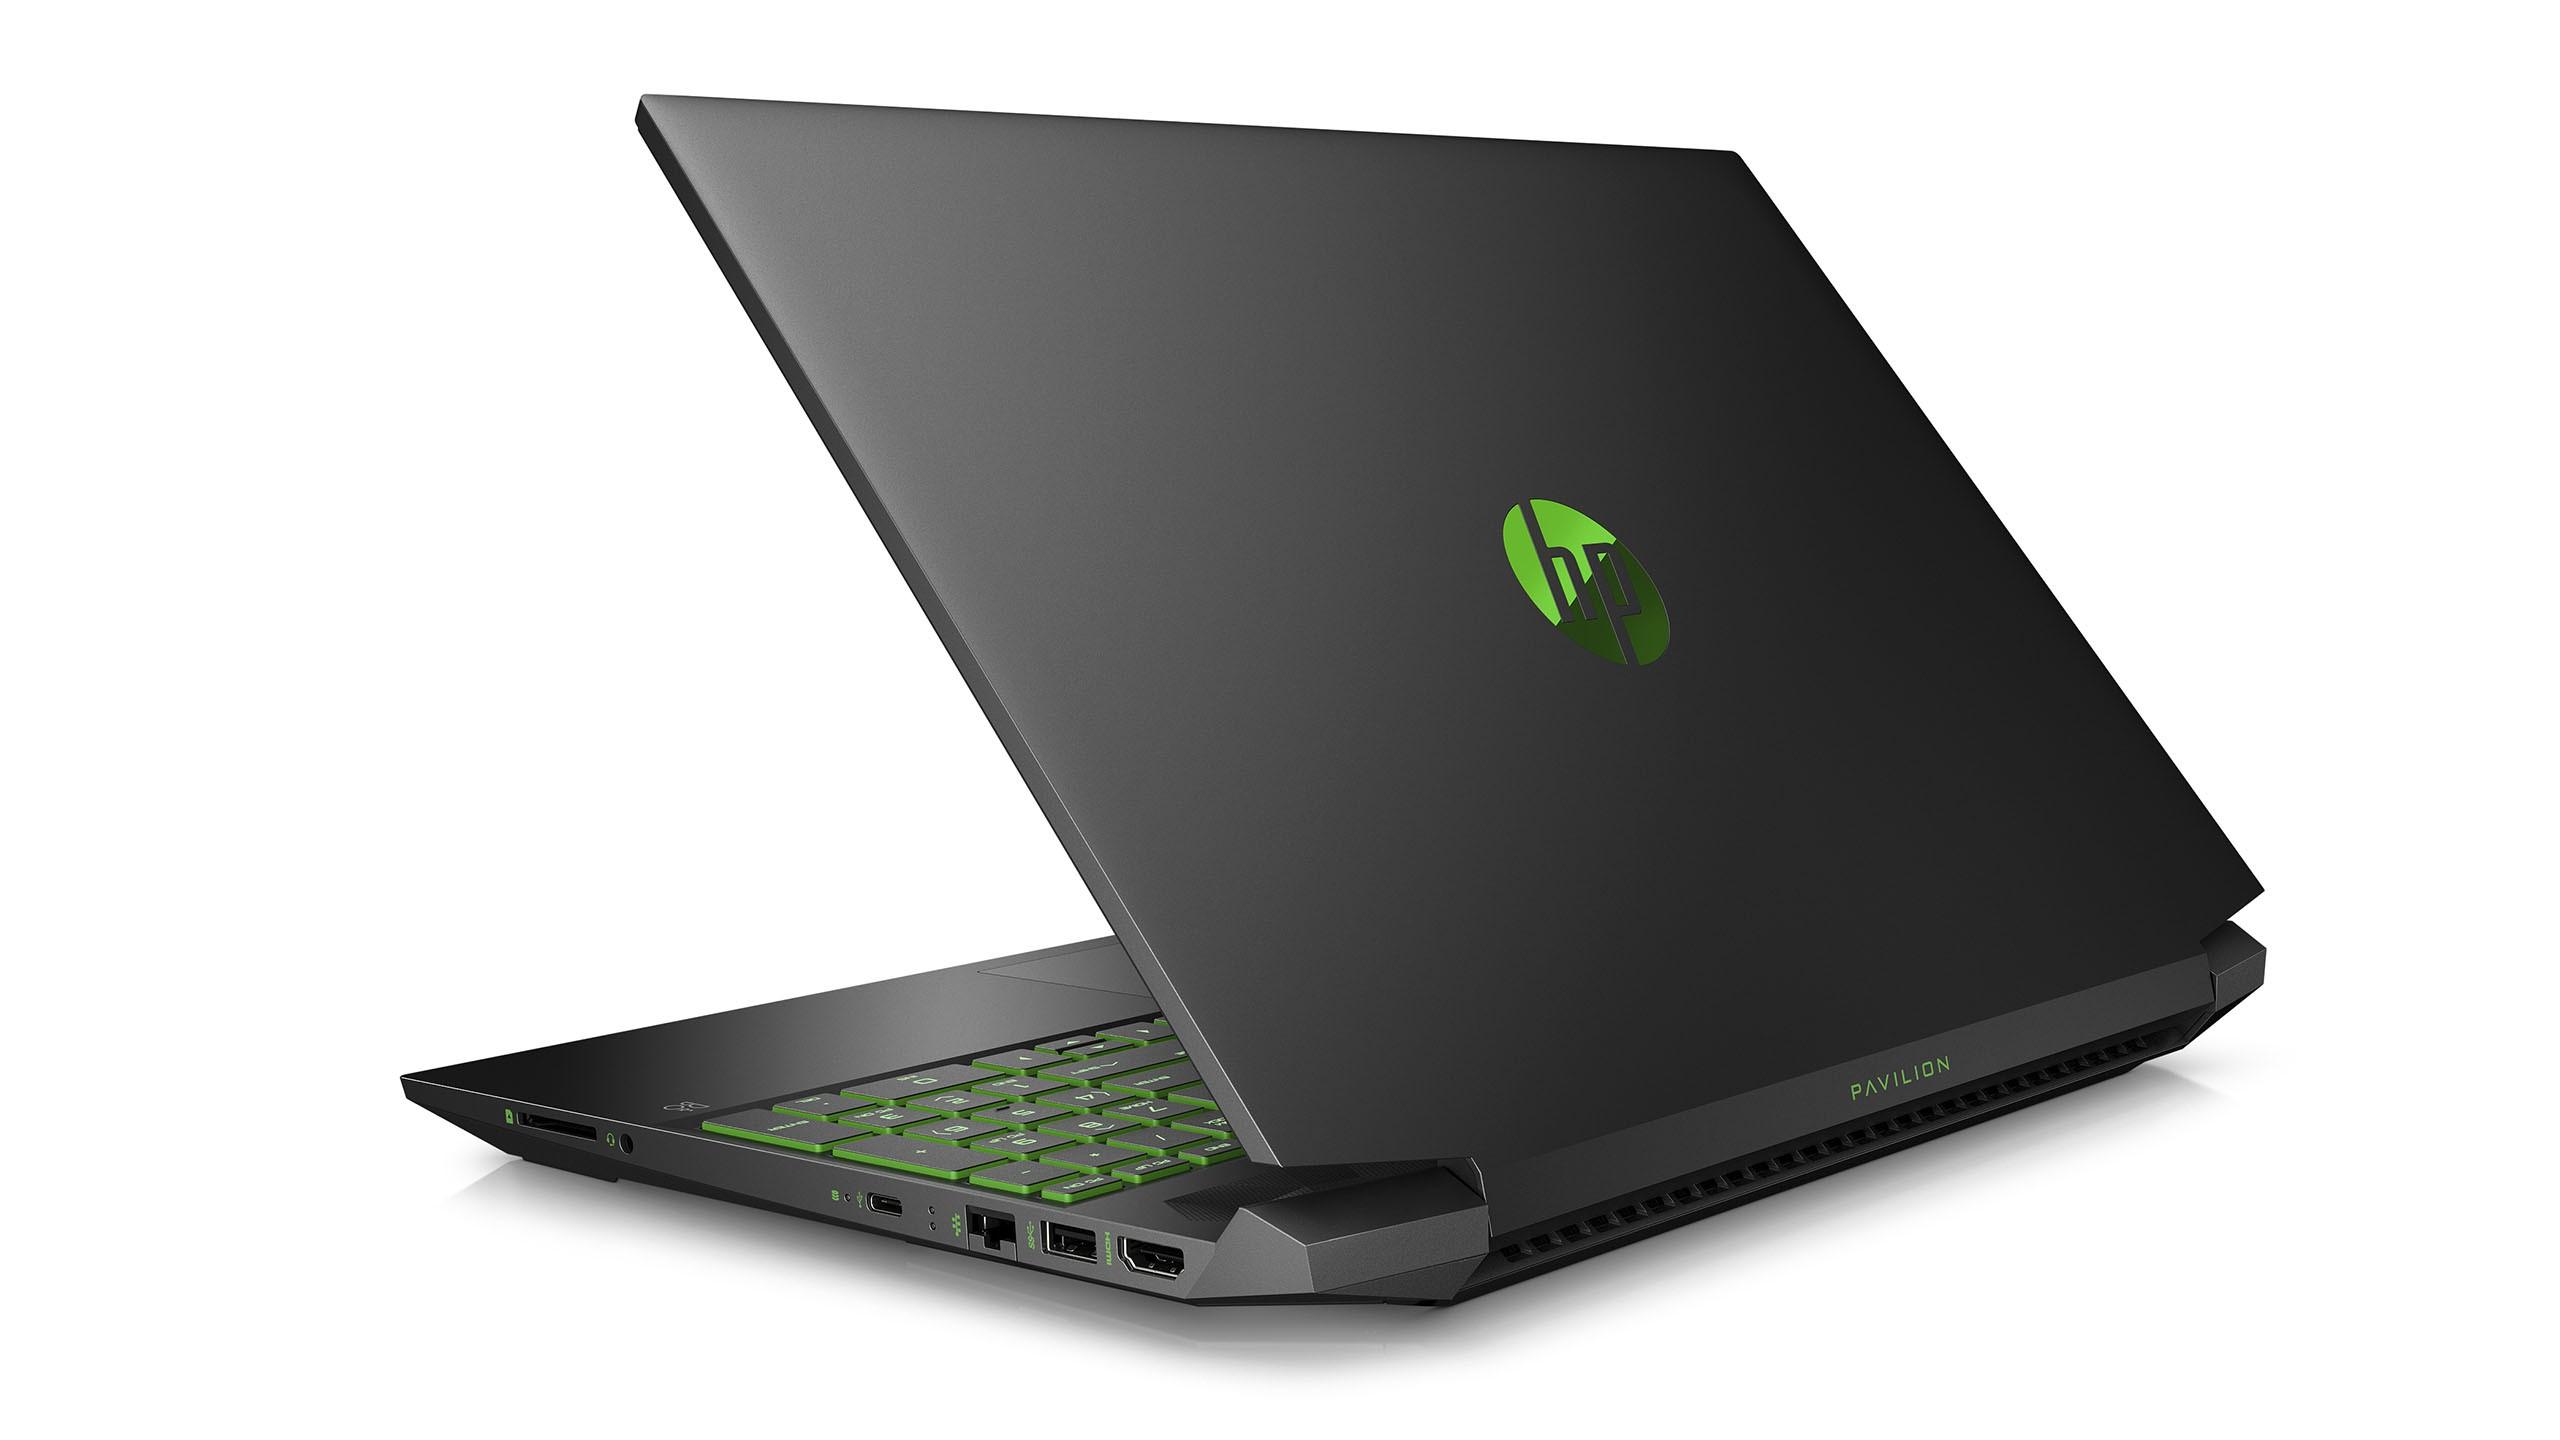 HP Pavilion Gaming Laptop 15 - 2019